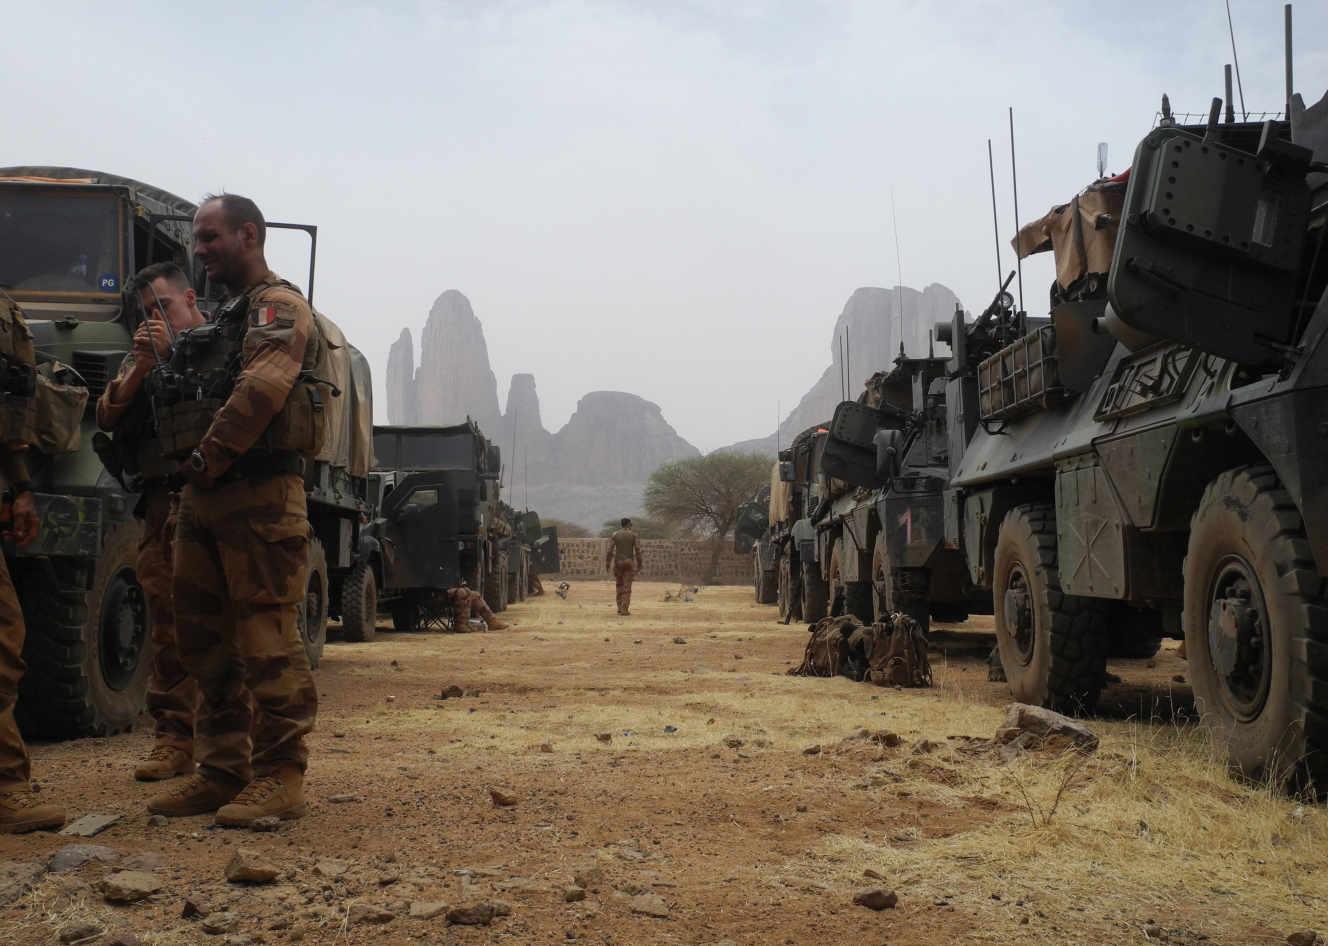 mali-trois-soldats-francais-tues-dans-une-operation-dans-le-sahel